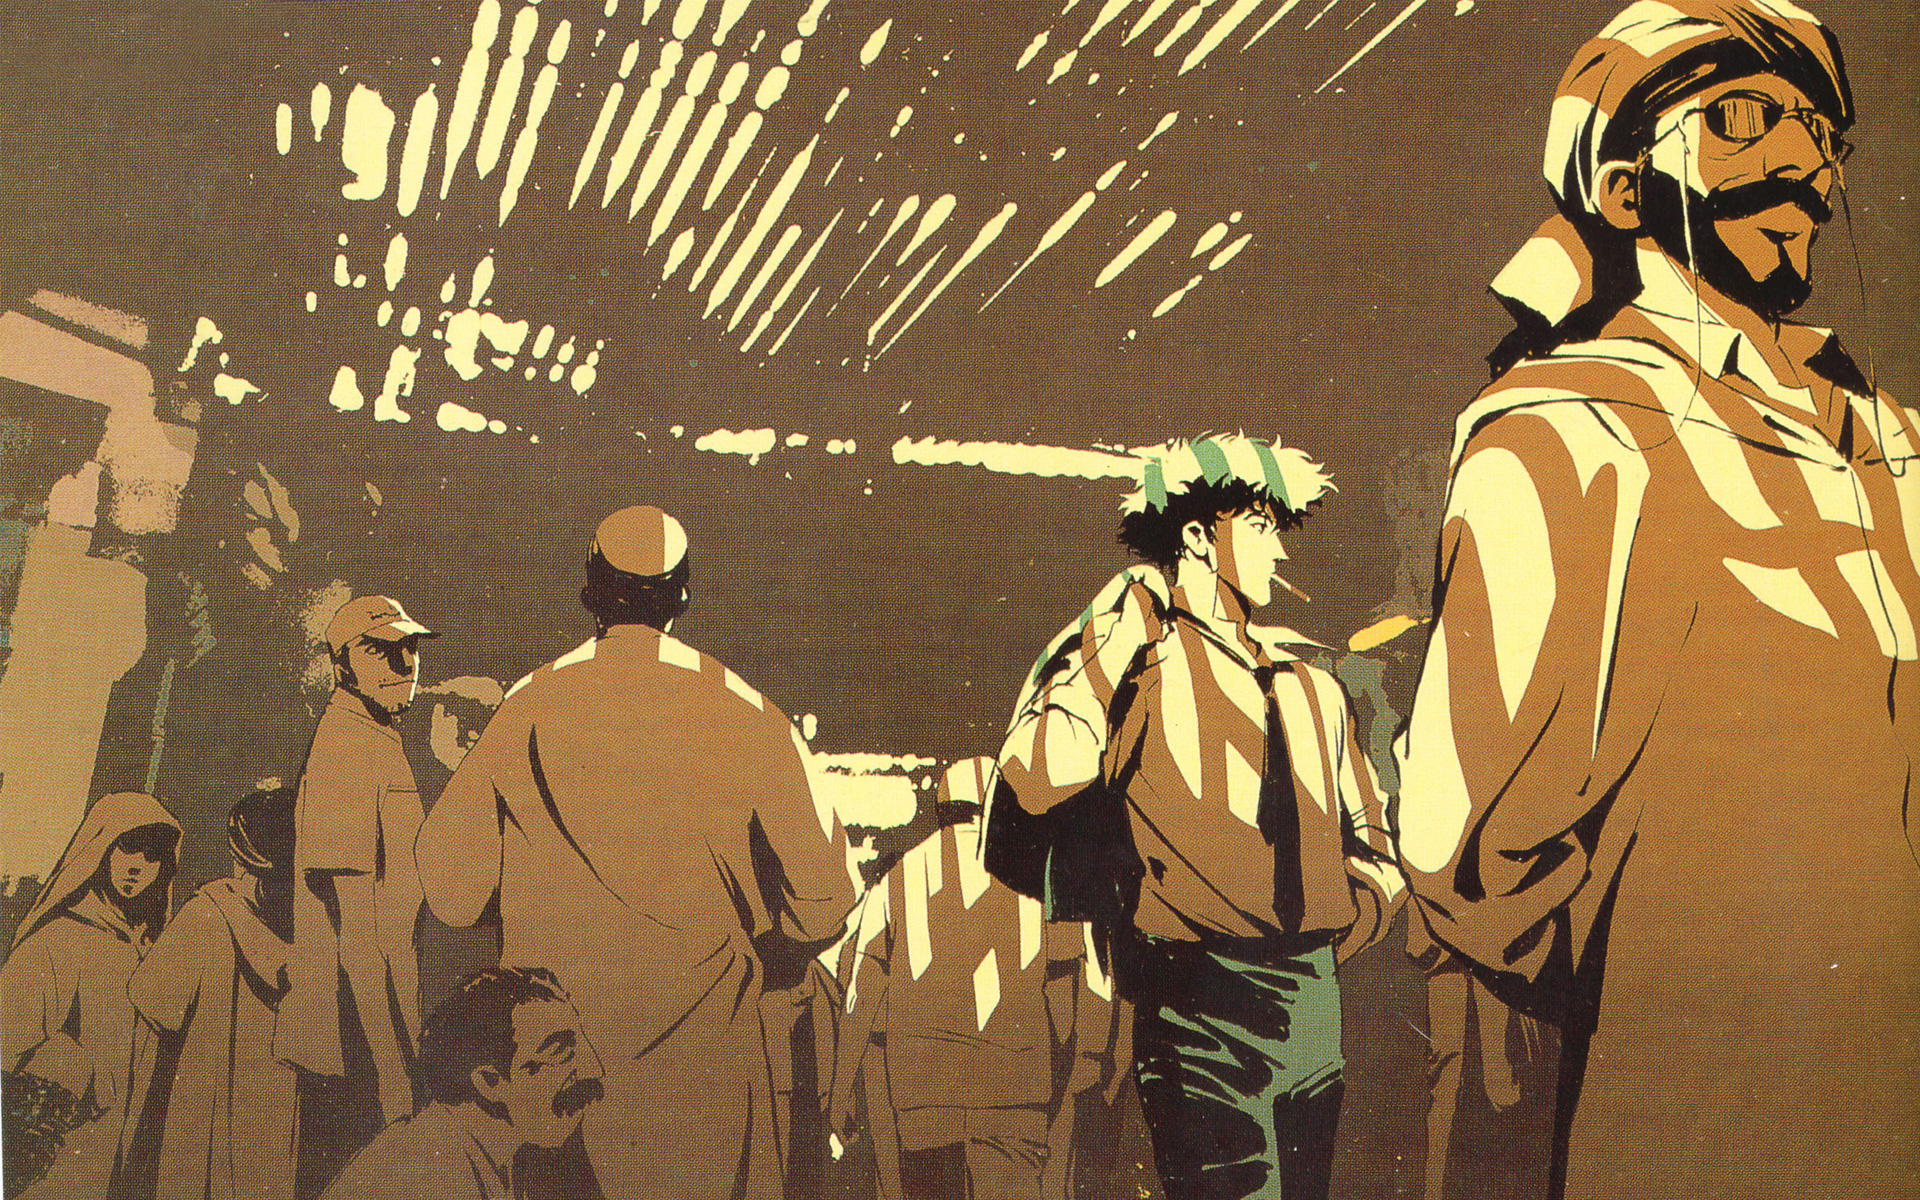 Wallpaper   Cowboy Bebop Wallpaper 33236272 1920x1200